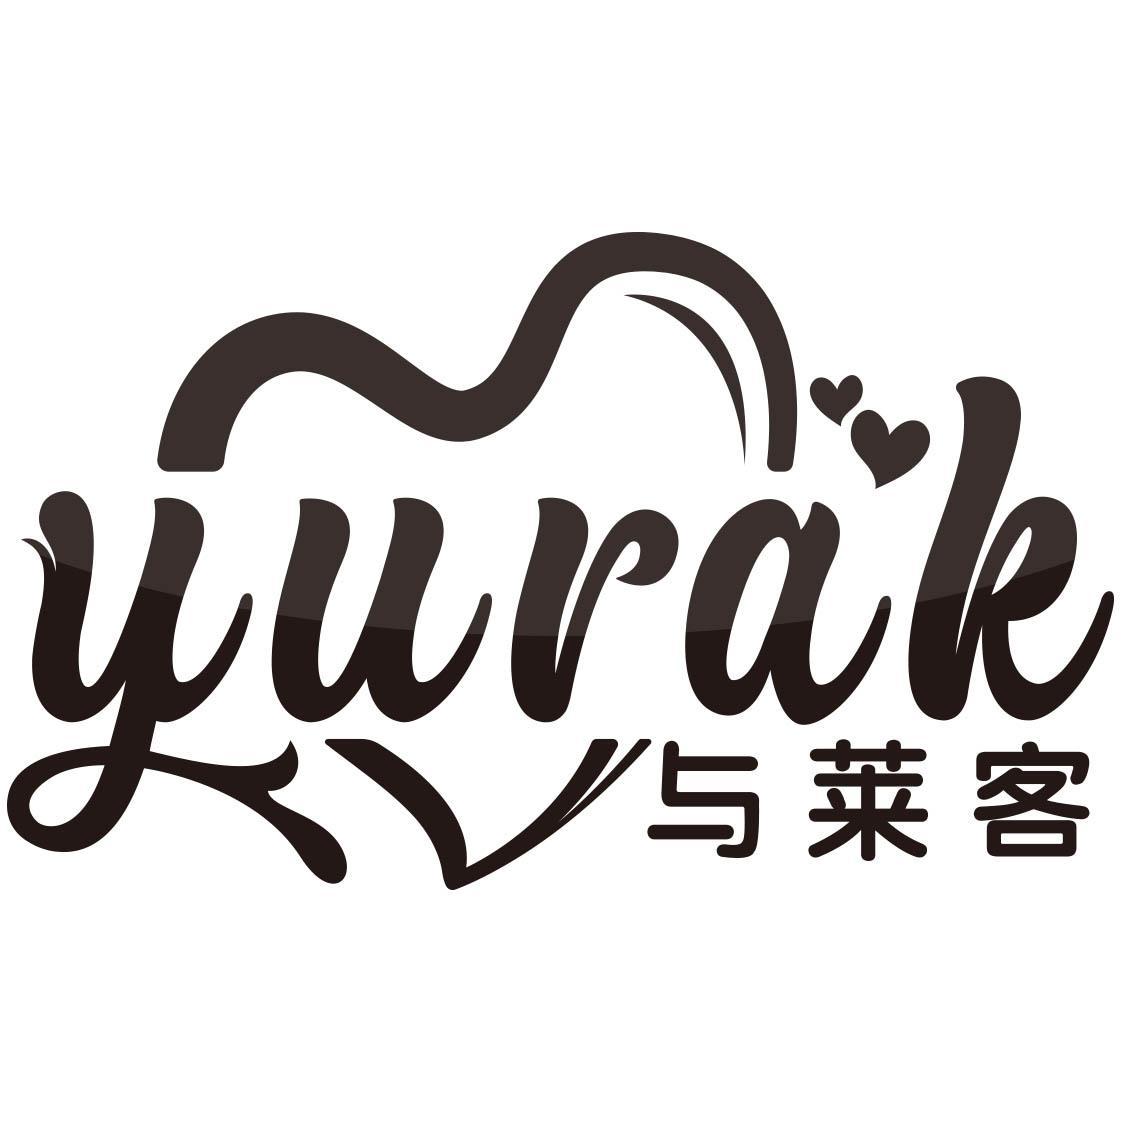 商标文字与莱客 YURAK商标注册号 42004399、商标申请人塔依尔?吾拉音的商标详情 - 标库网商标查询